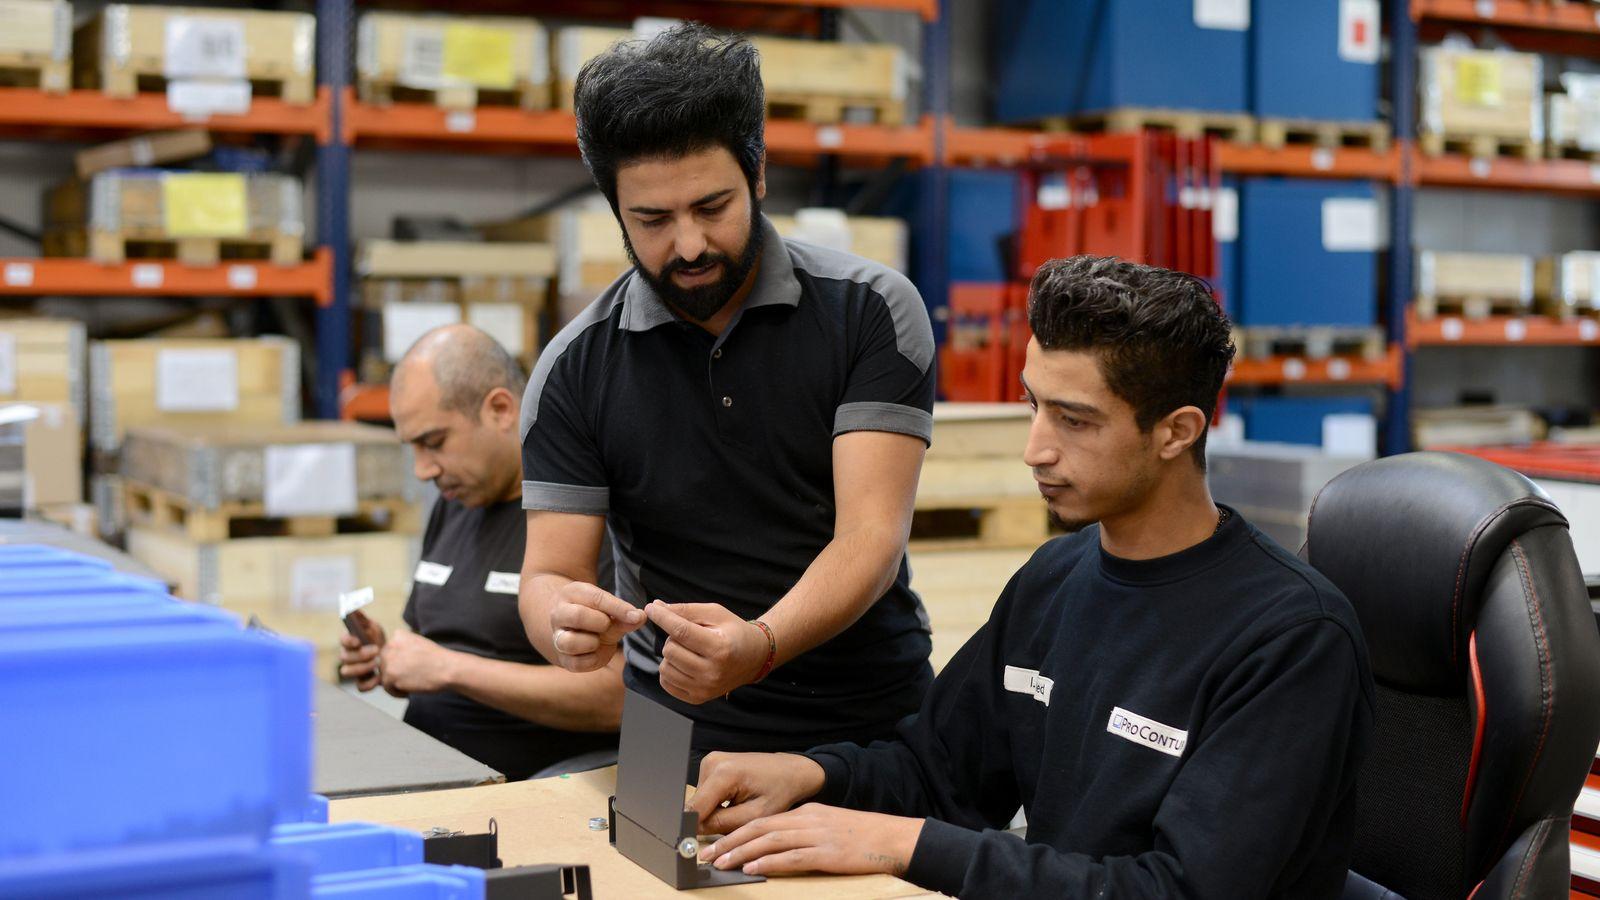 Migranten bei der Arbeit in einem Betrieb in Wittlich